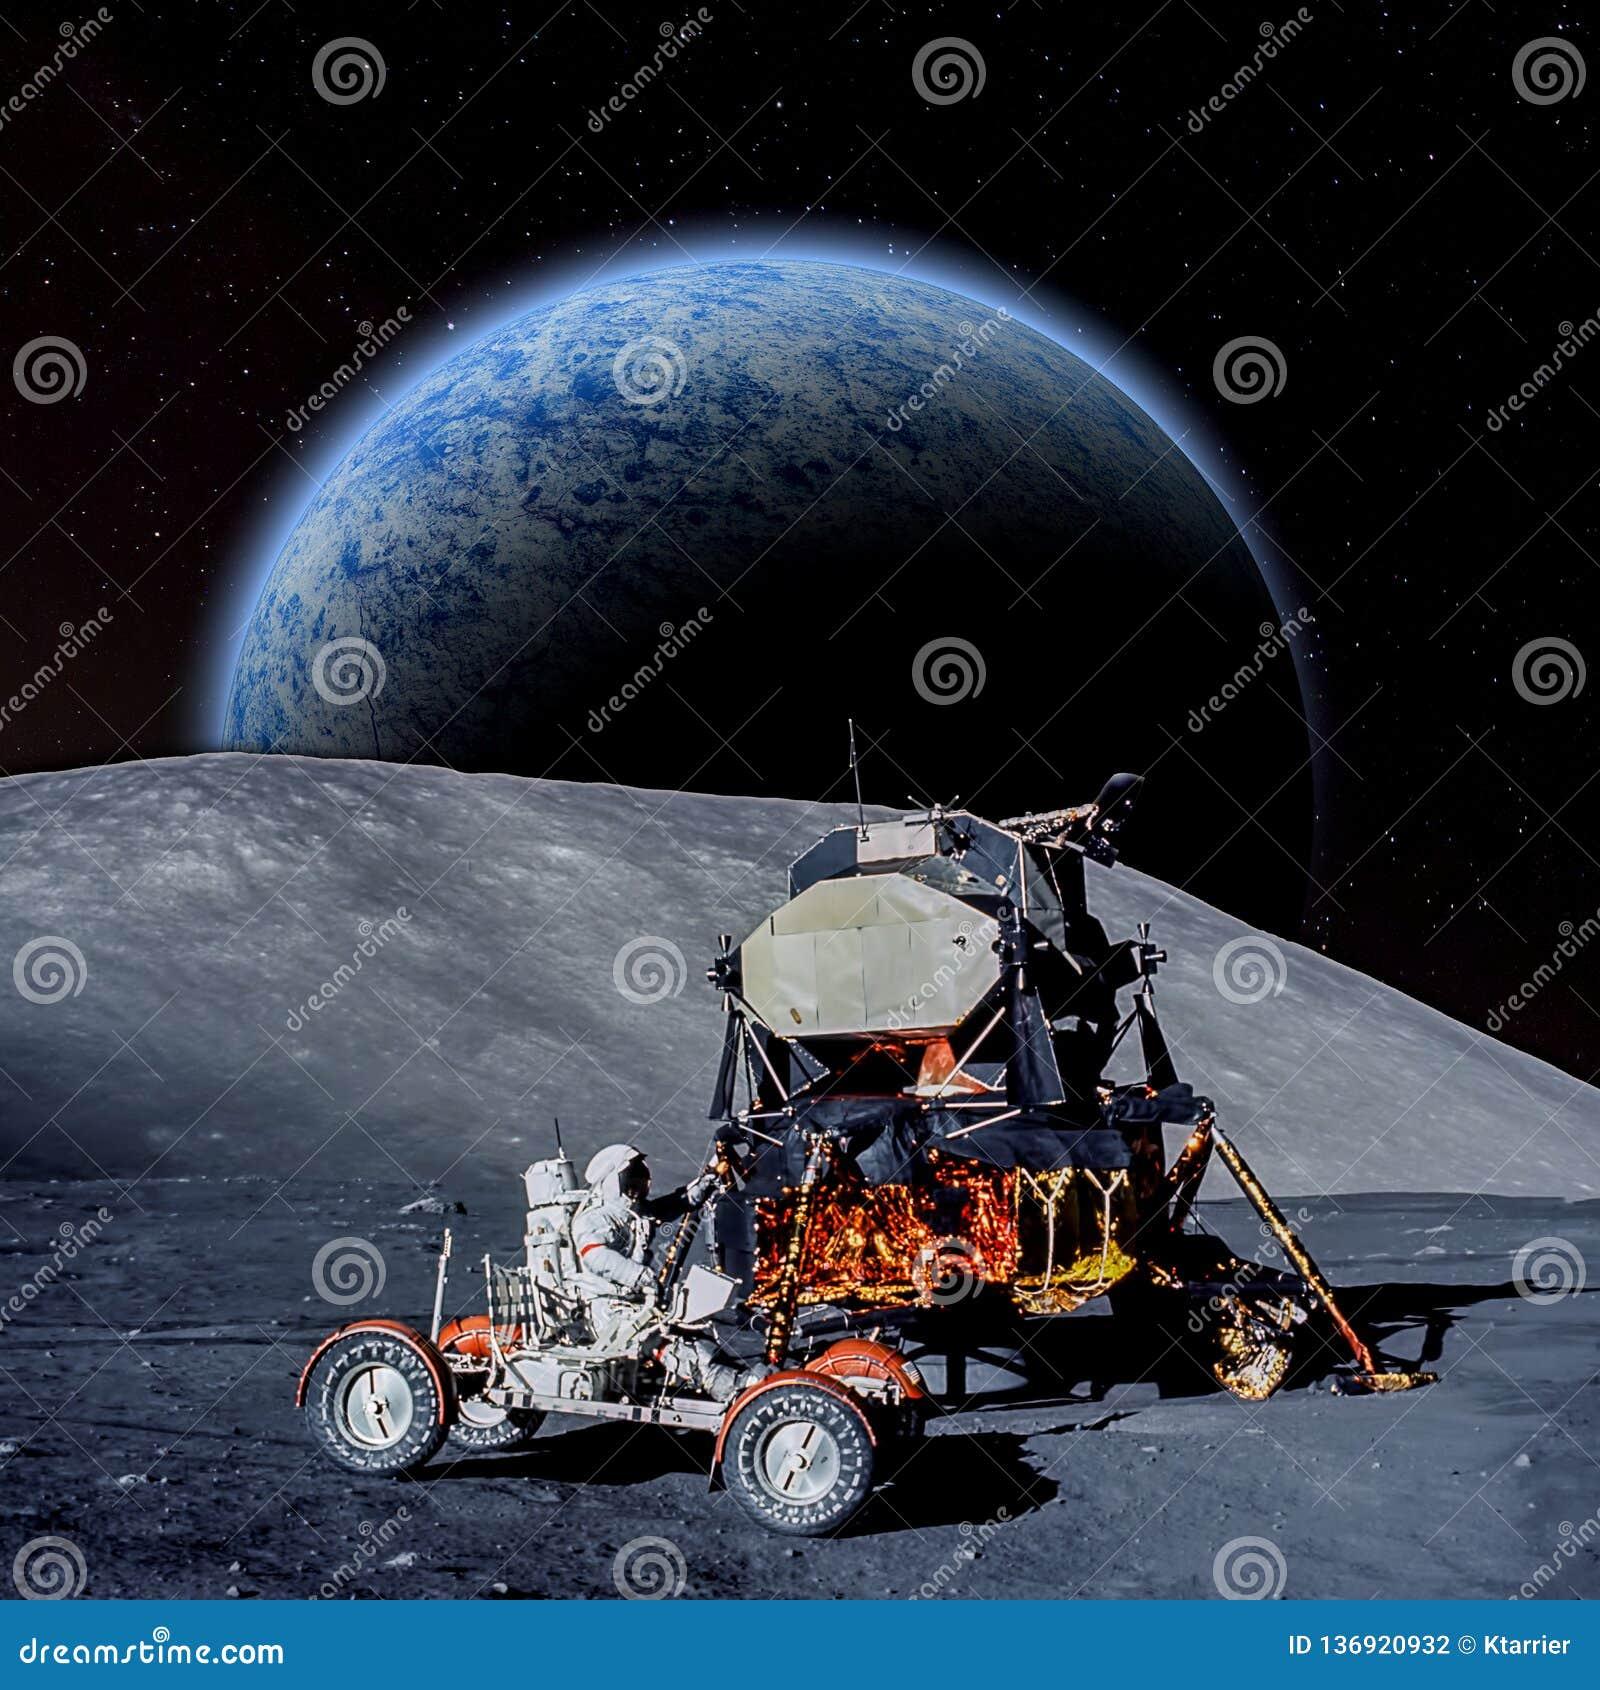 Fantasy scene of an Astronaut on an alien planet